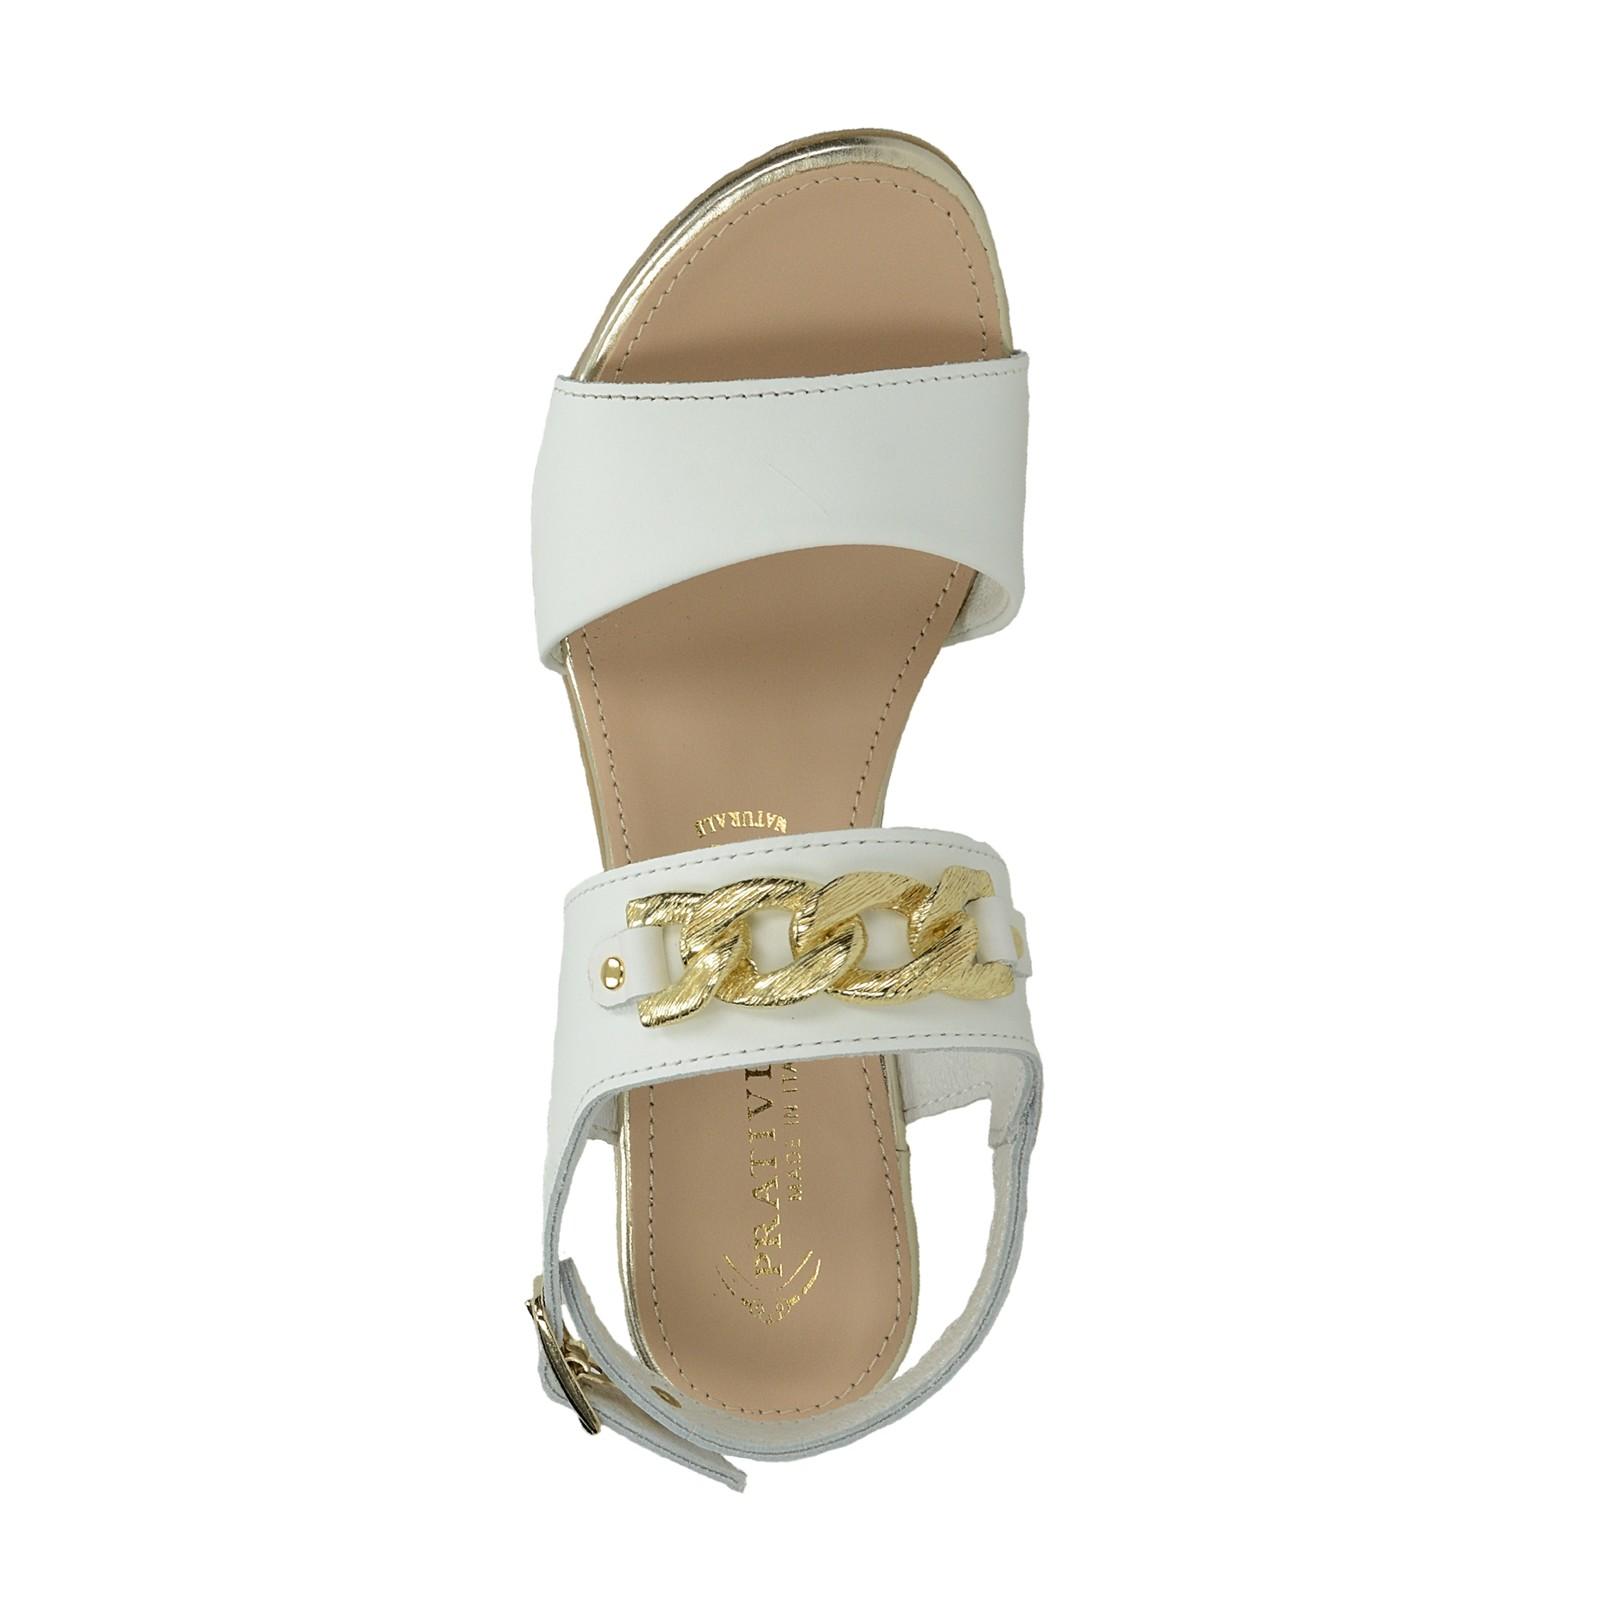 c6b46078bb486 Prativerdi dámske elegantné sandále - biele | 163930-WHT www.robel.sk